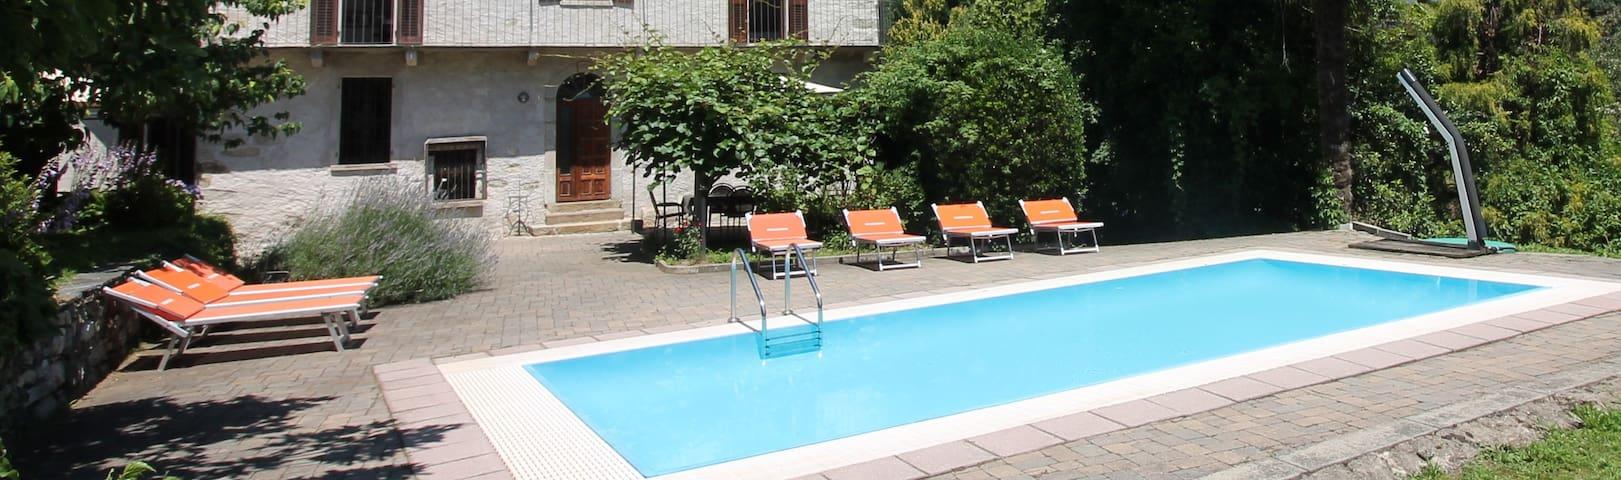 CasaFrey trilocale con piscina, giardino e wifi - Vacciago - Flat